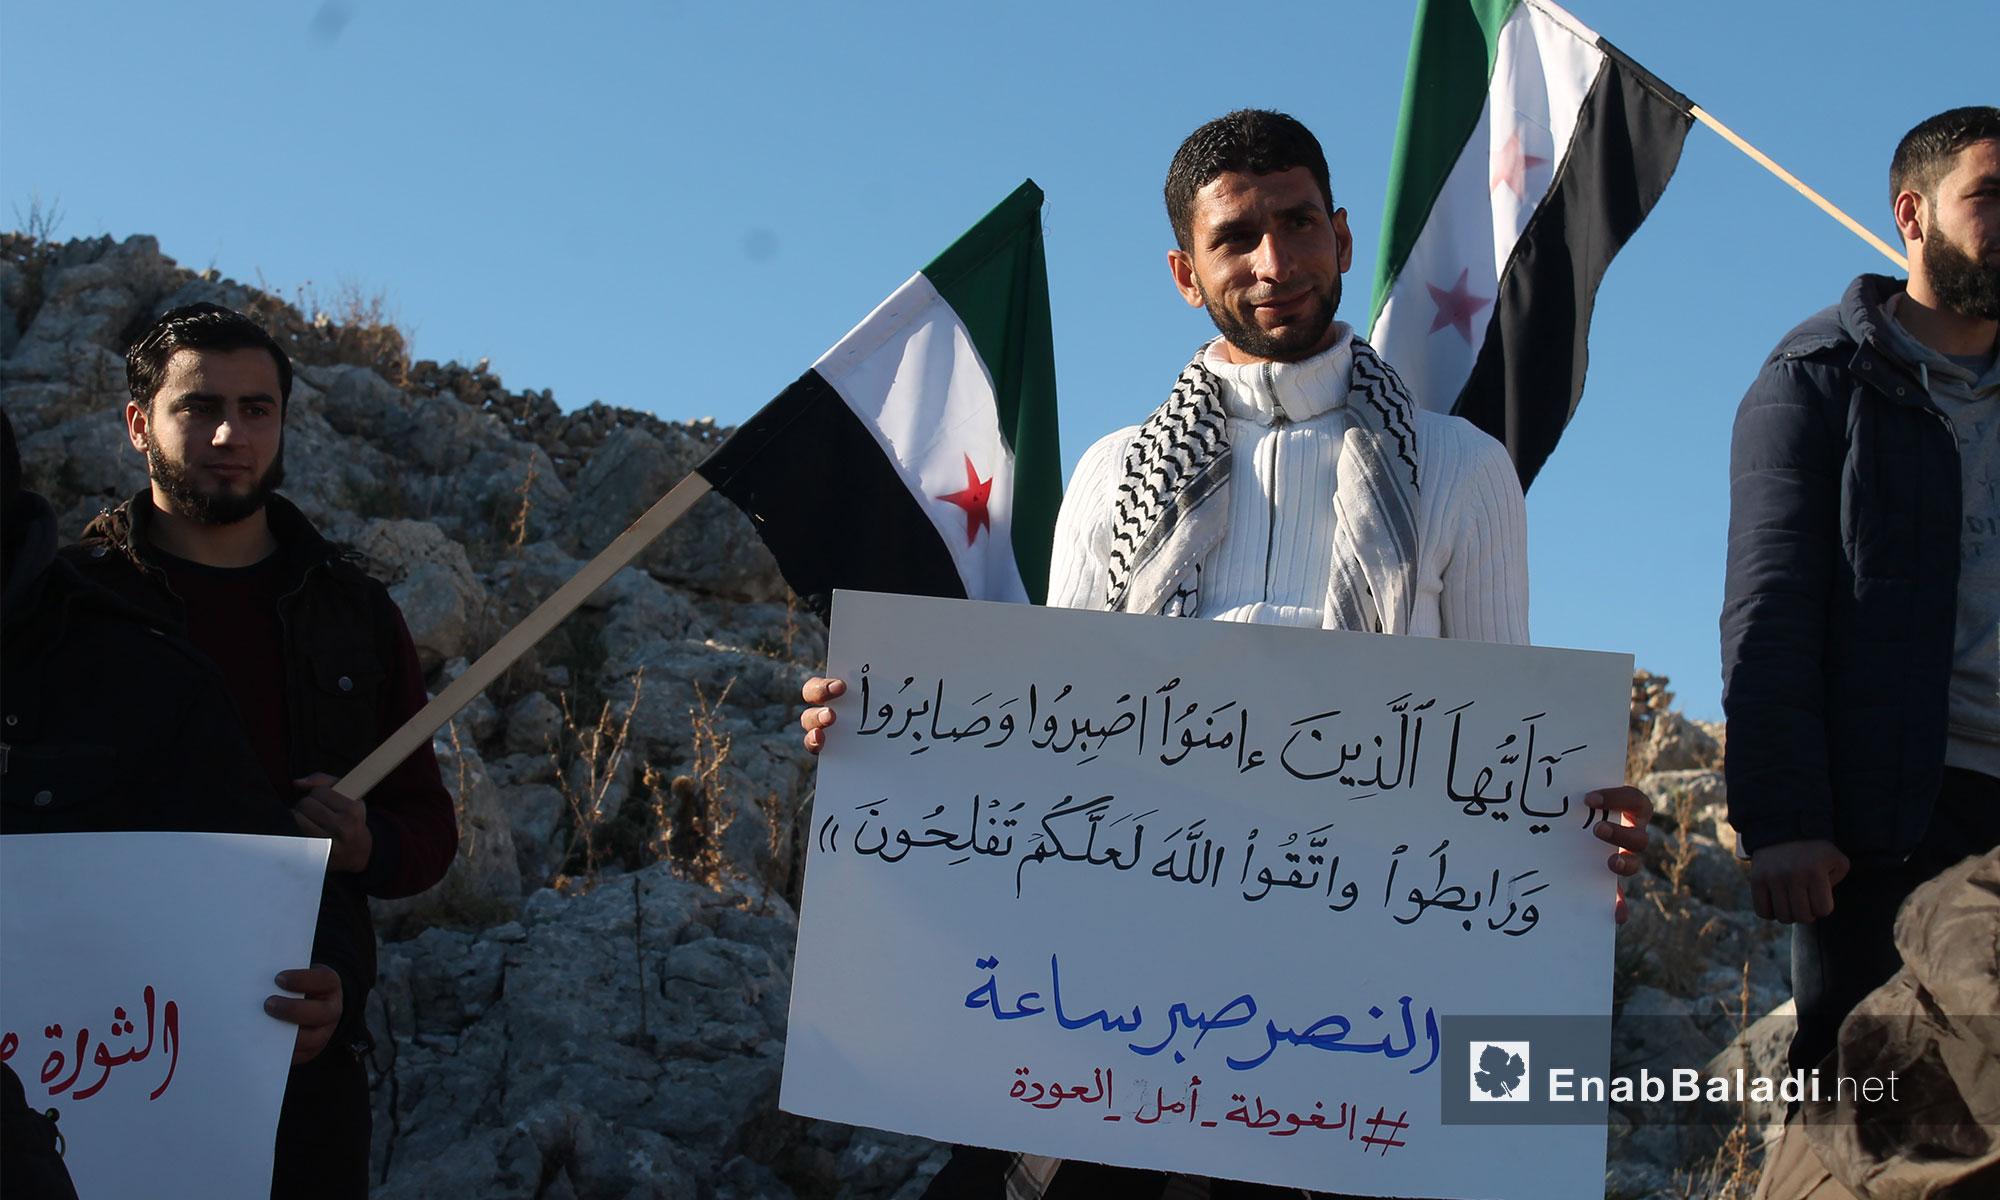 ثوار داريا من ادلب في وقفة تضامنية مع الغوطة الشرقية - 9 كانون الأول 2016 (عنب بلدي)